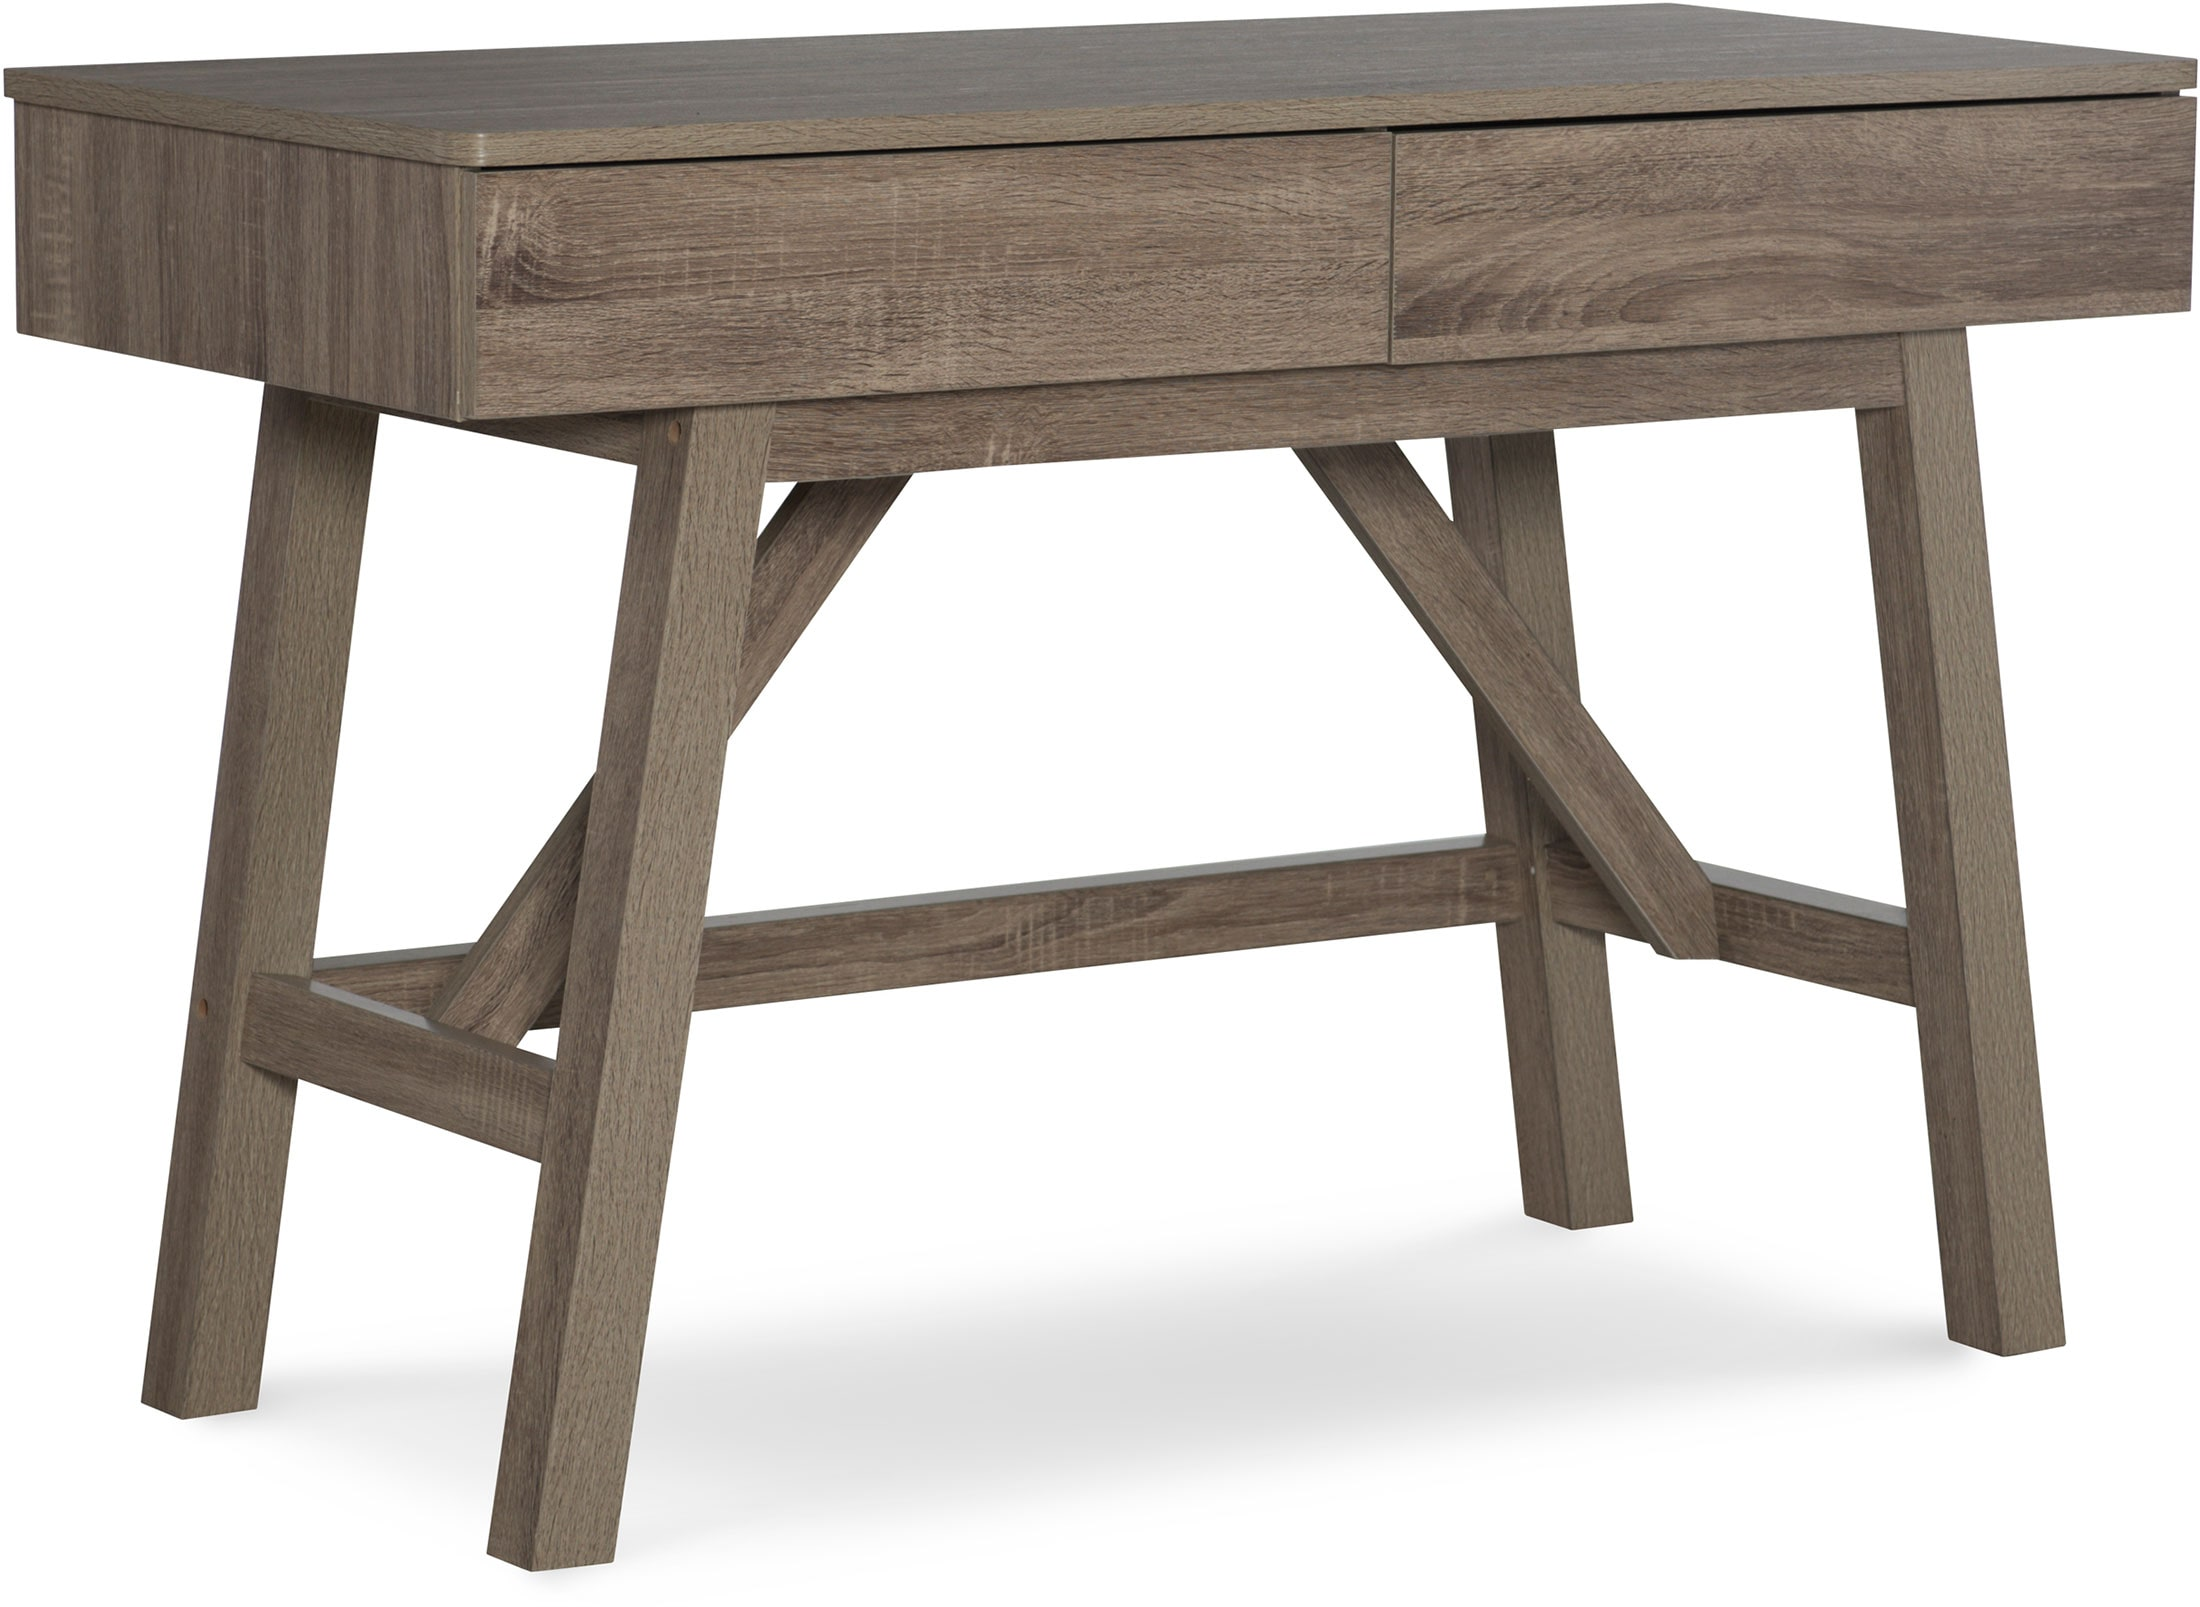 Home Office Furniture - Harley Desk